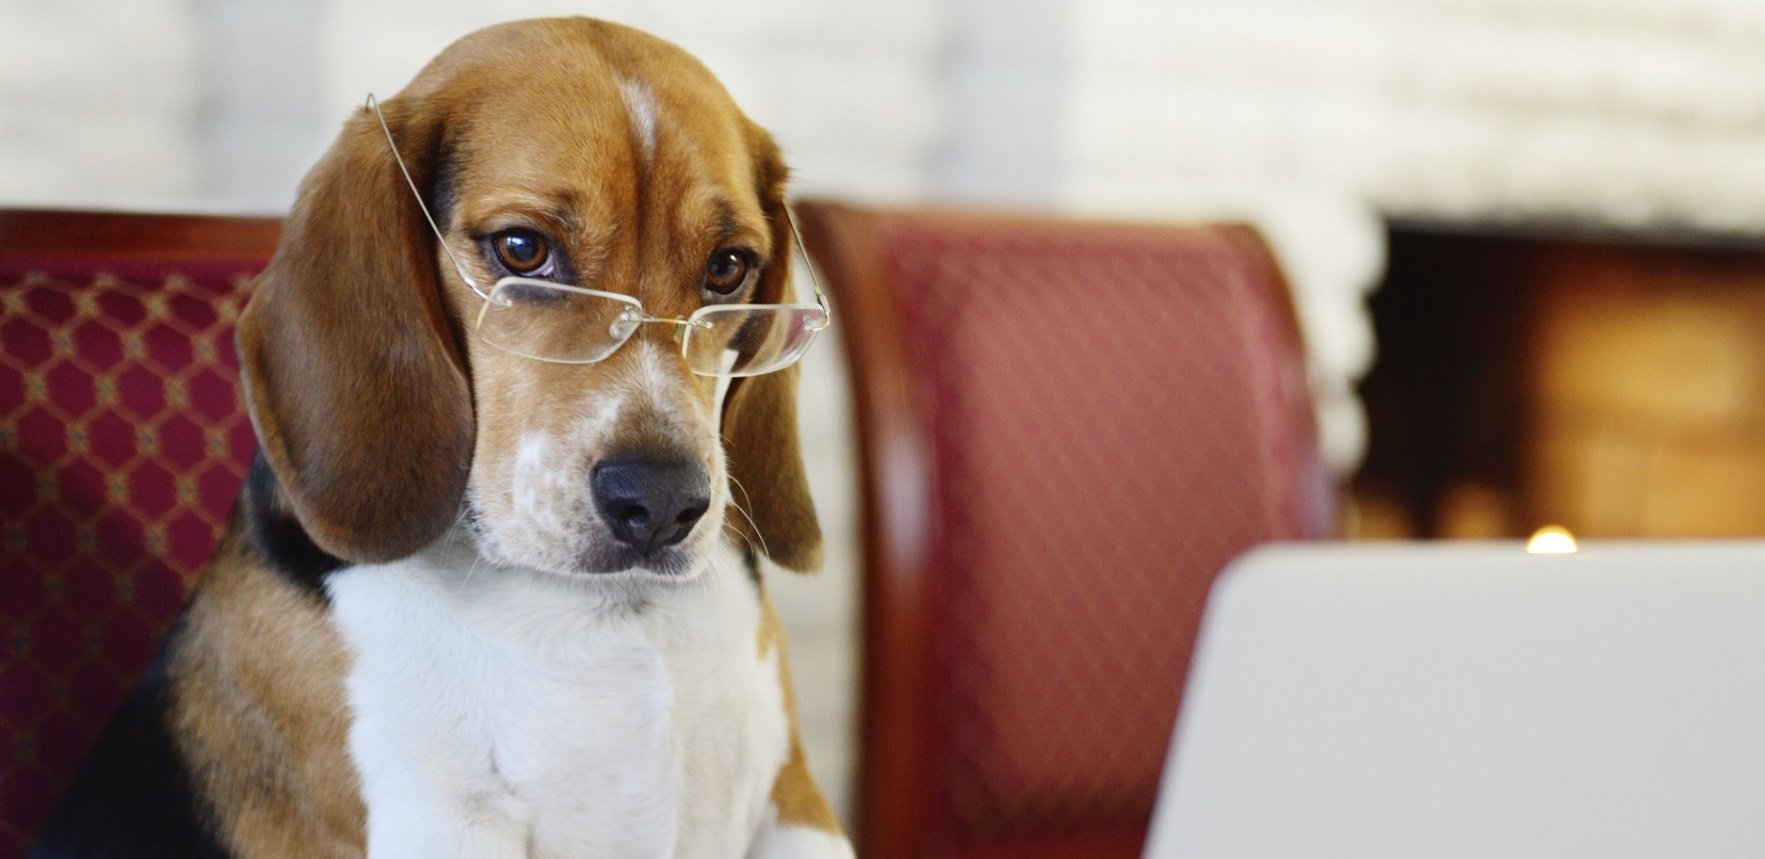 """cao cachorro inteligente.jpg?resize=412,275 - Gente como a gente? Cientista descobre que cachorros """"também são pessoas"""""""